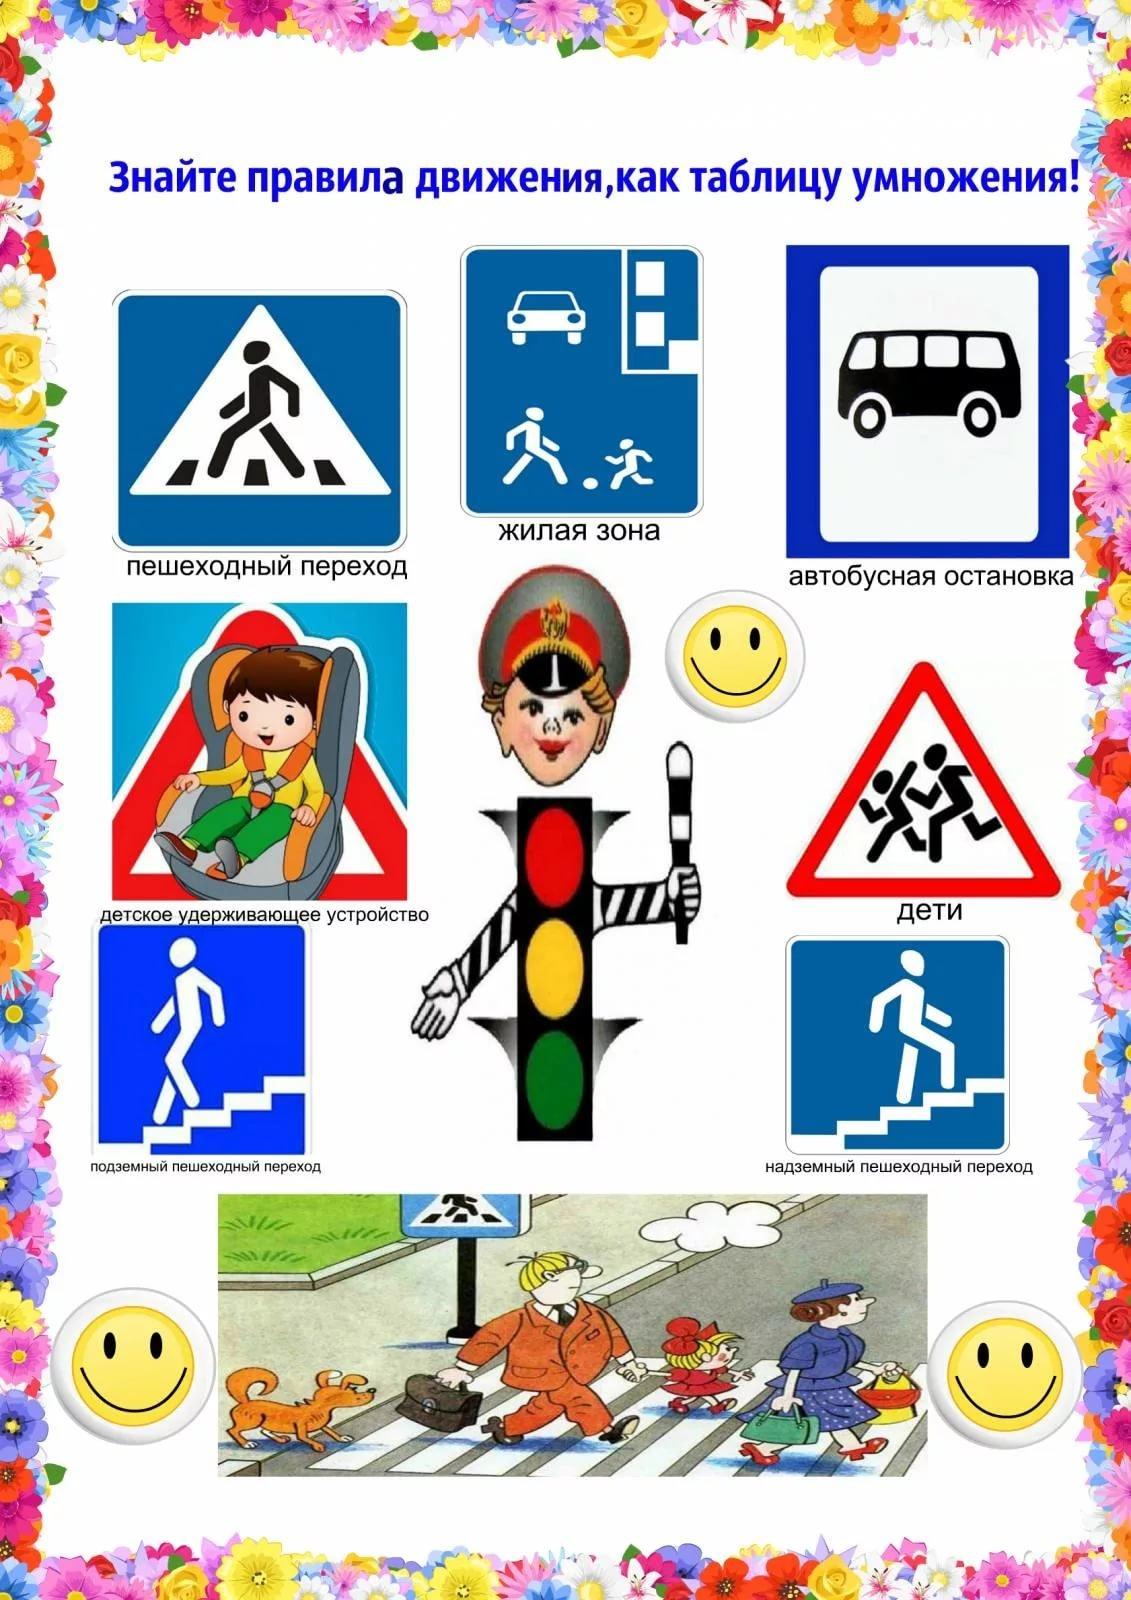 Знаки пдд для детей дошкольного возраста в картинках